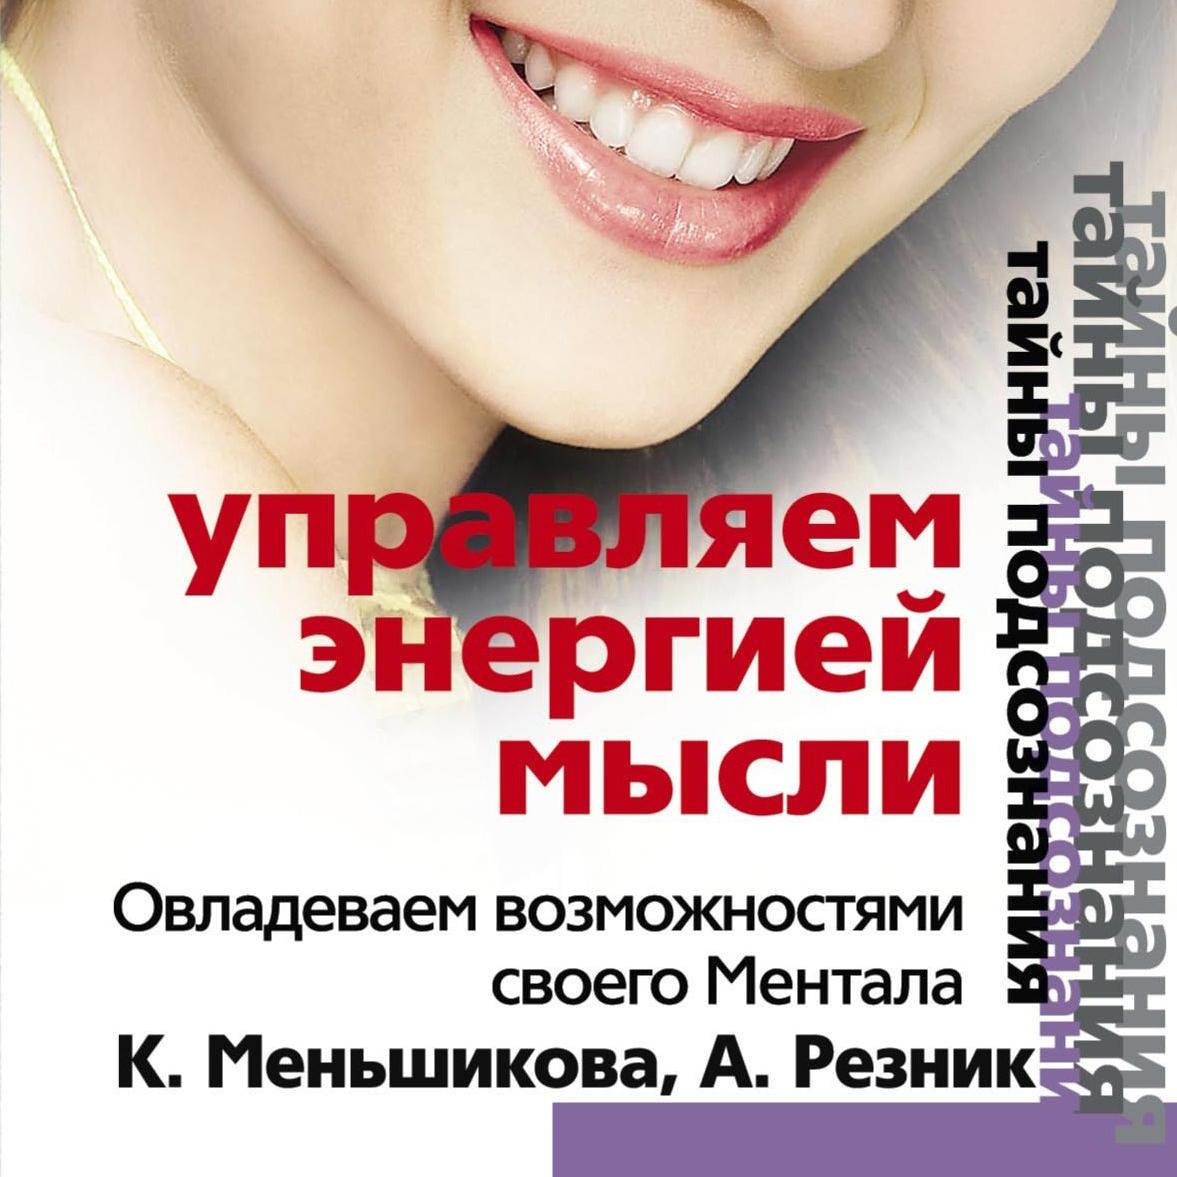 Ксения Меньшикова Управляем энергией мысли. Овладеваем возможностями своего Ментала не откладывай жизнь на завтра мысли на пороге